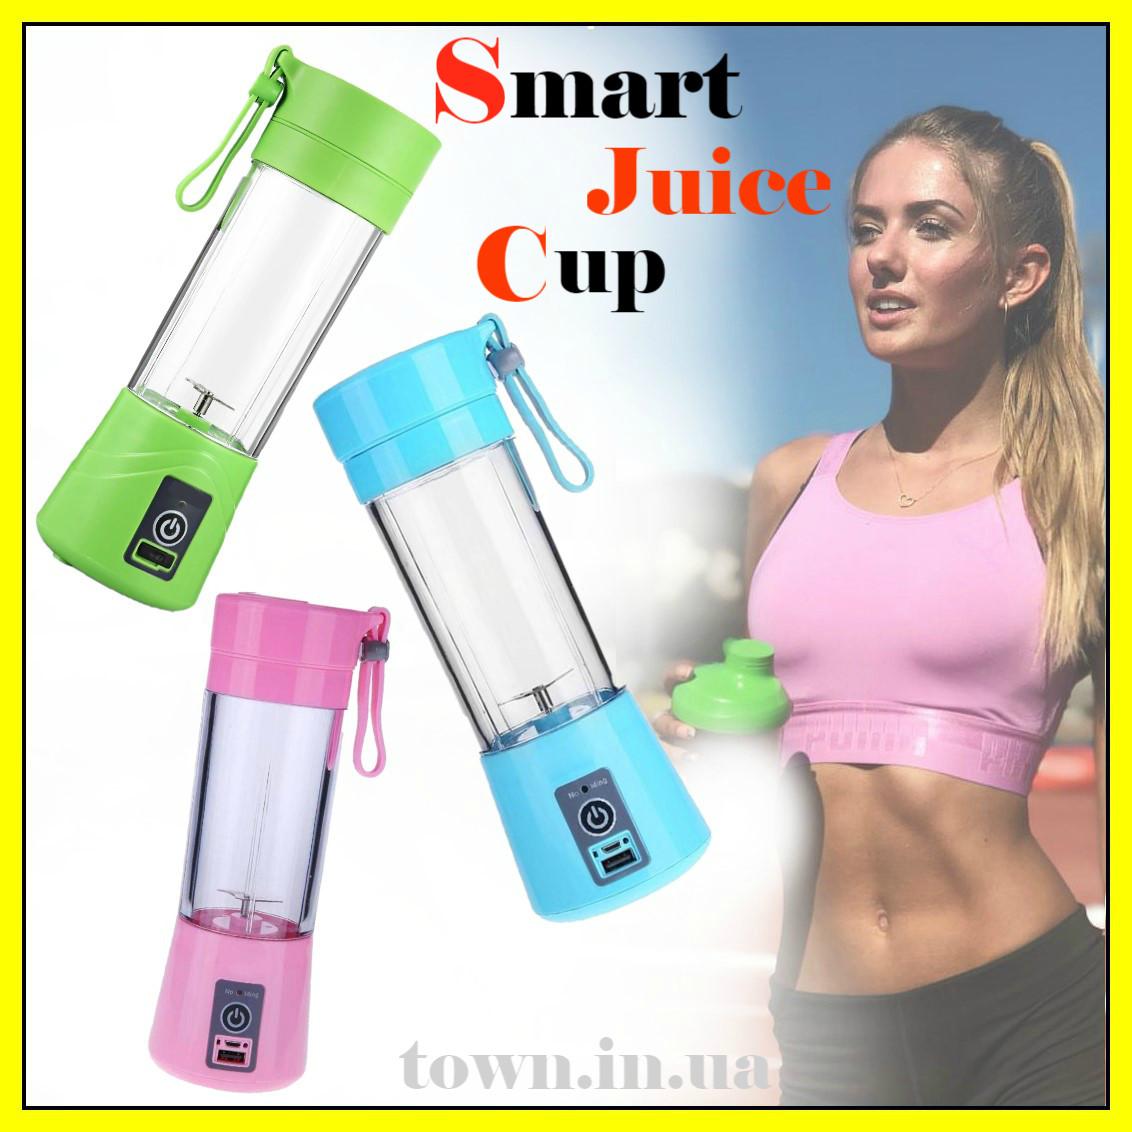 Портативний міні фітнес блендер Juicer Cup,акумуляторний,заряджається від USB для приготування смузі,шейкер